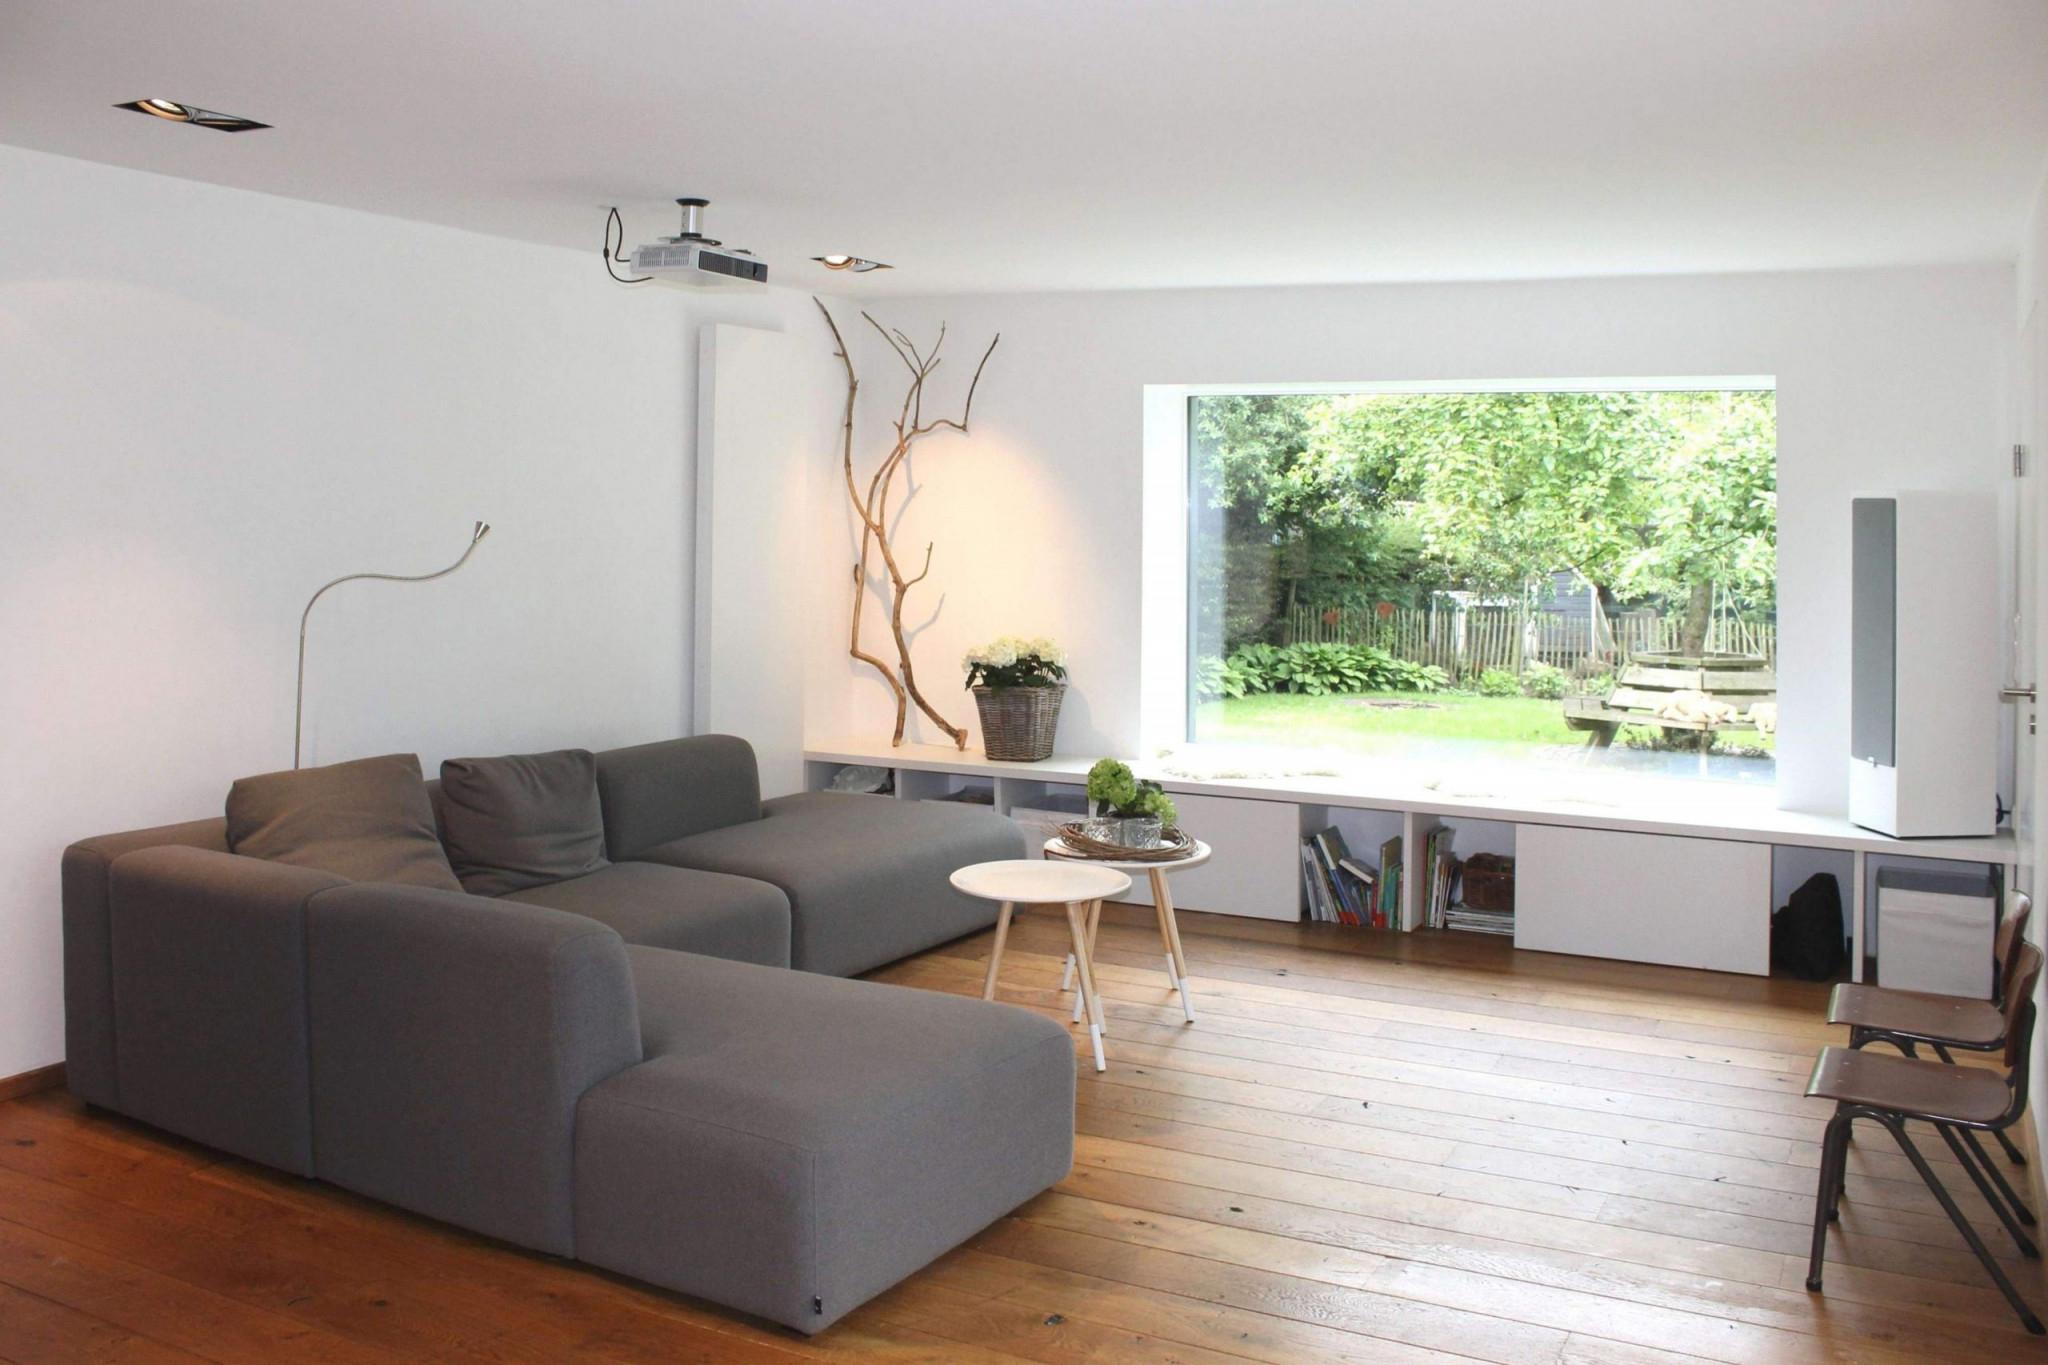 38 Inspirierend Wandbilder Wohnzimmer Ideen Inspirierend von Wohnzimmer Wandbilder Ideen Photo